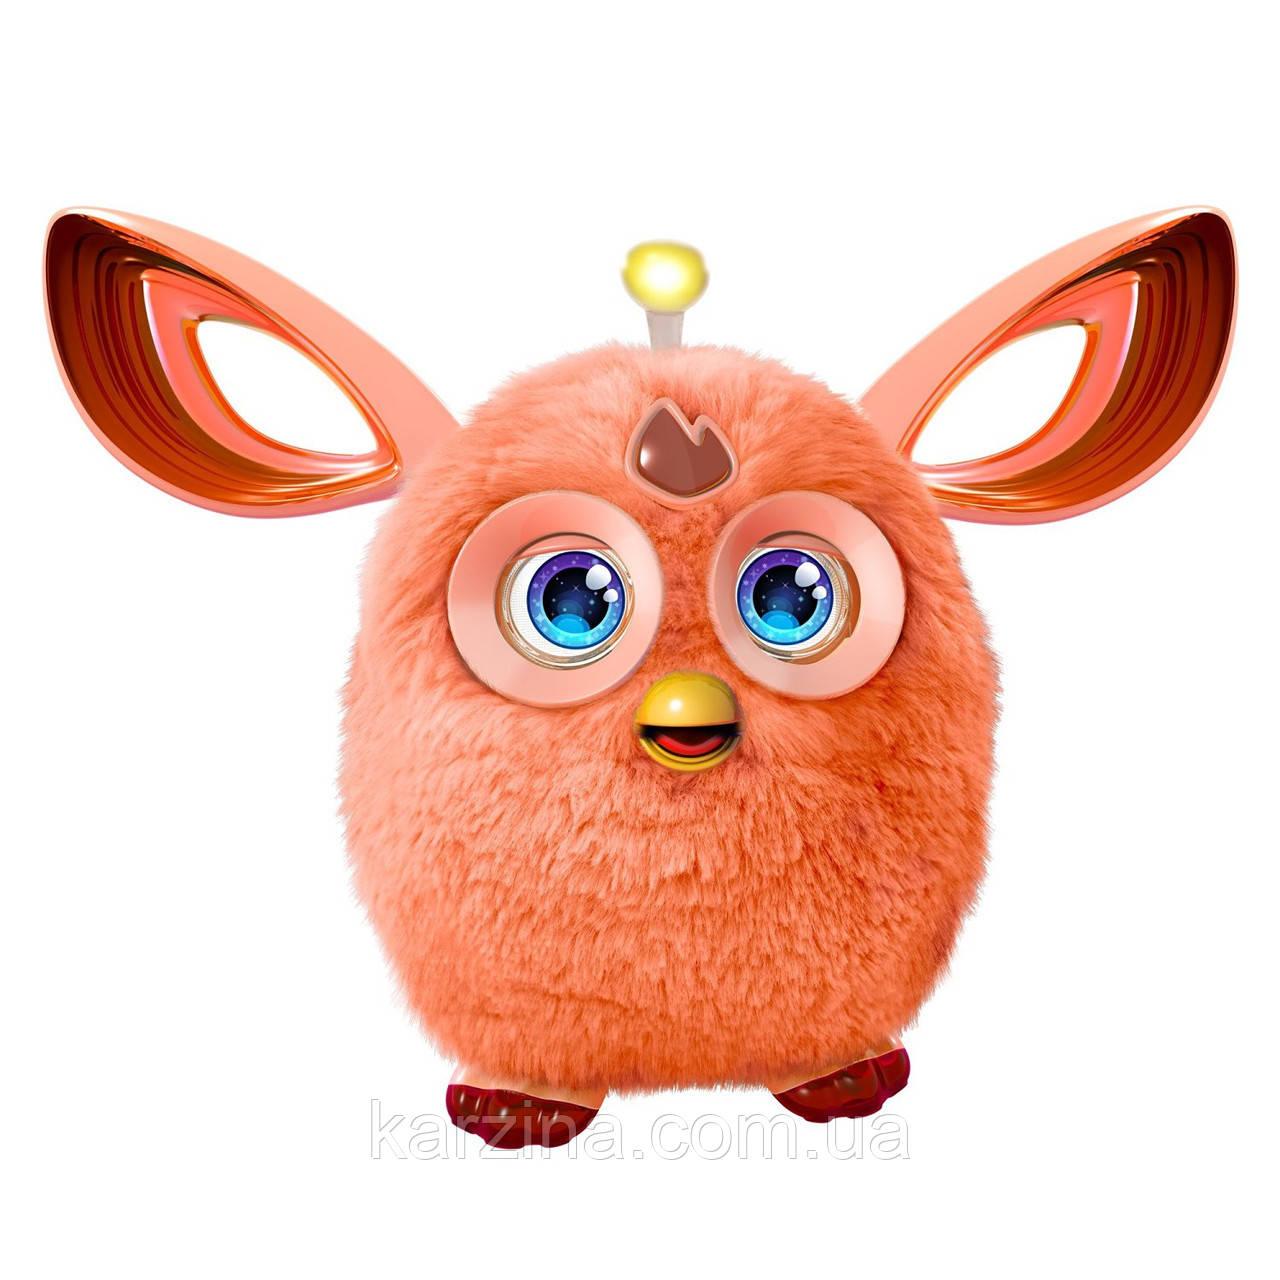 Furby Connect Русскоязычный Ферби Коннект Коралловый/Оранжевый Hasbro